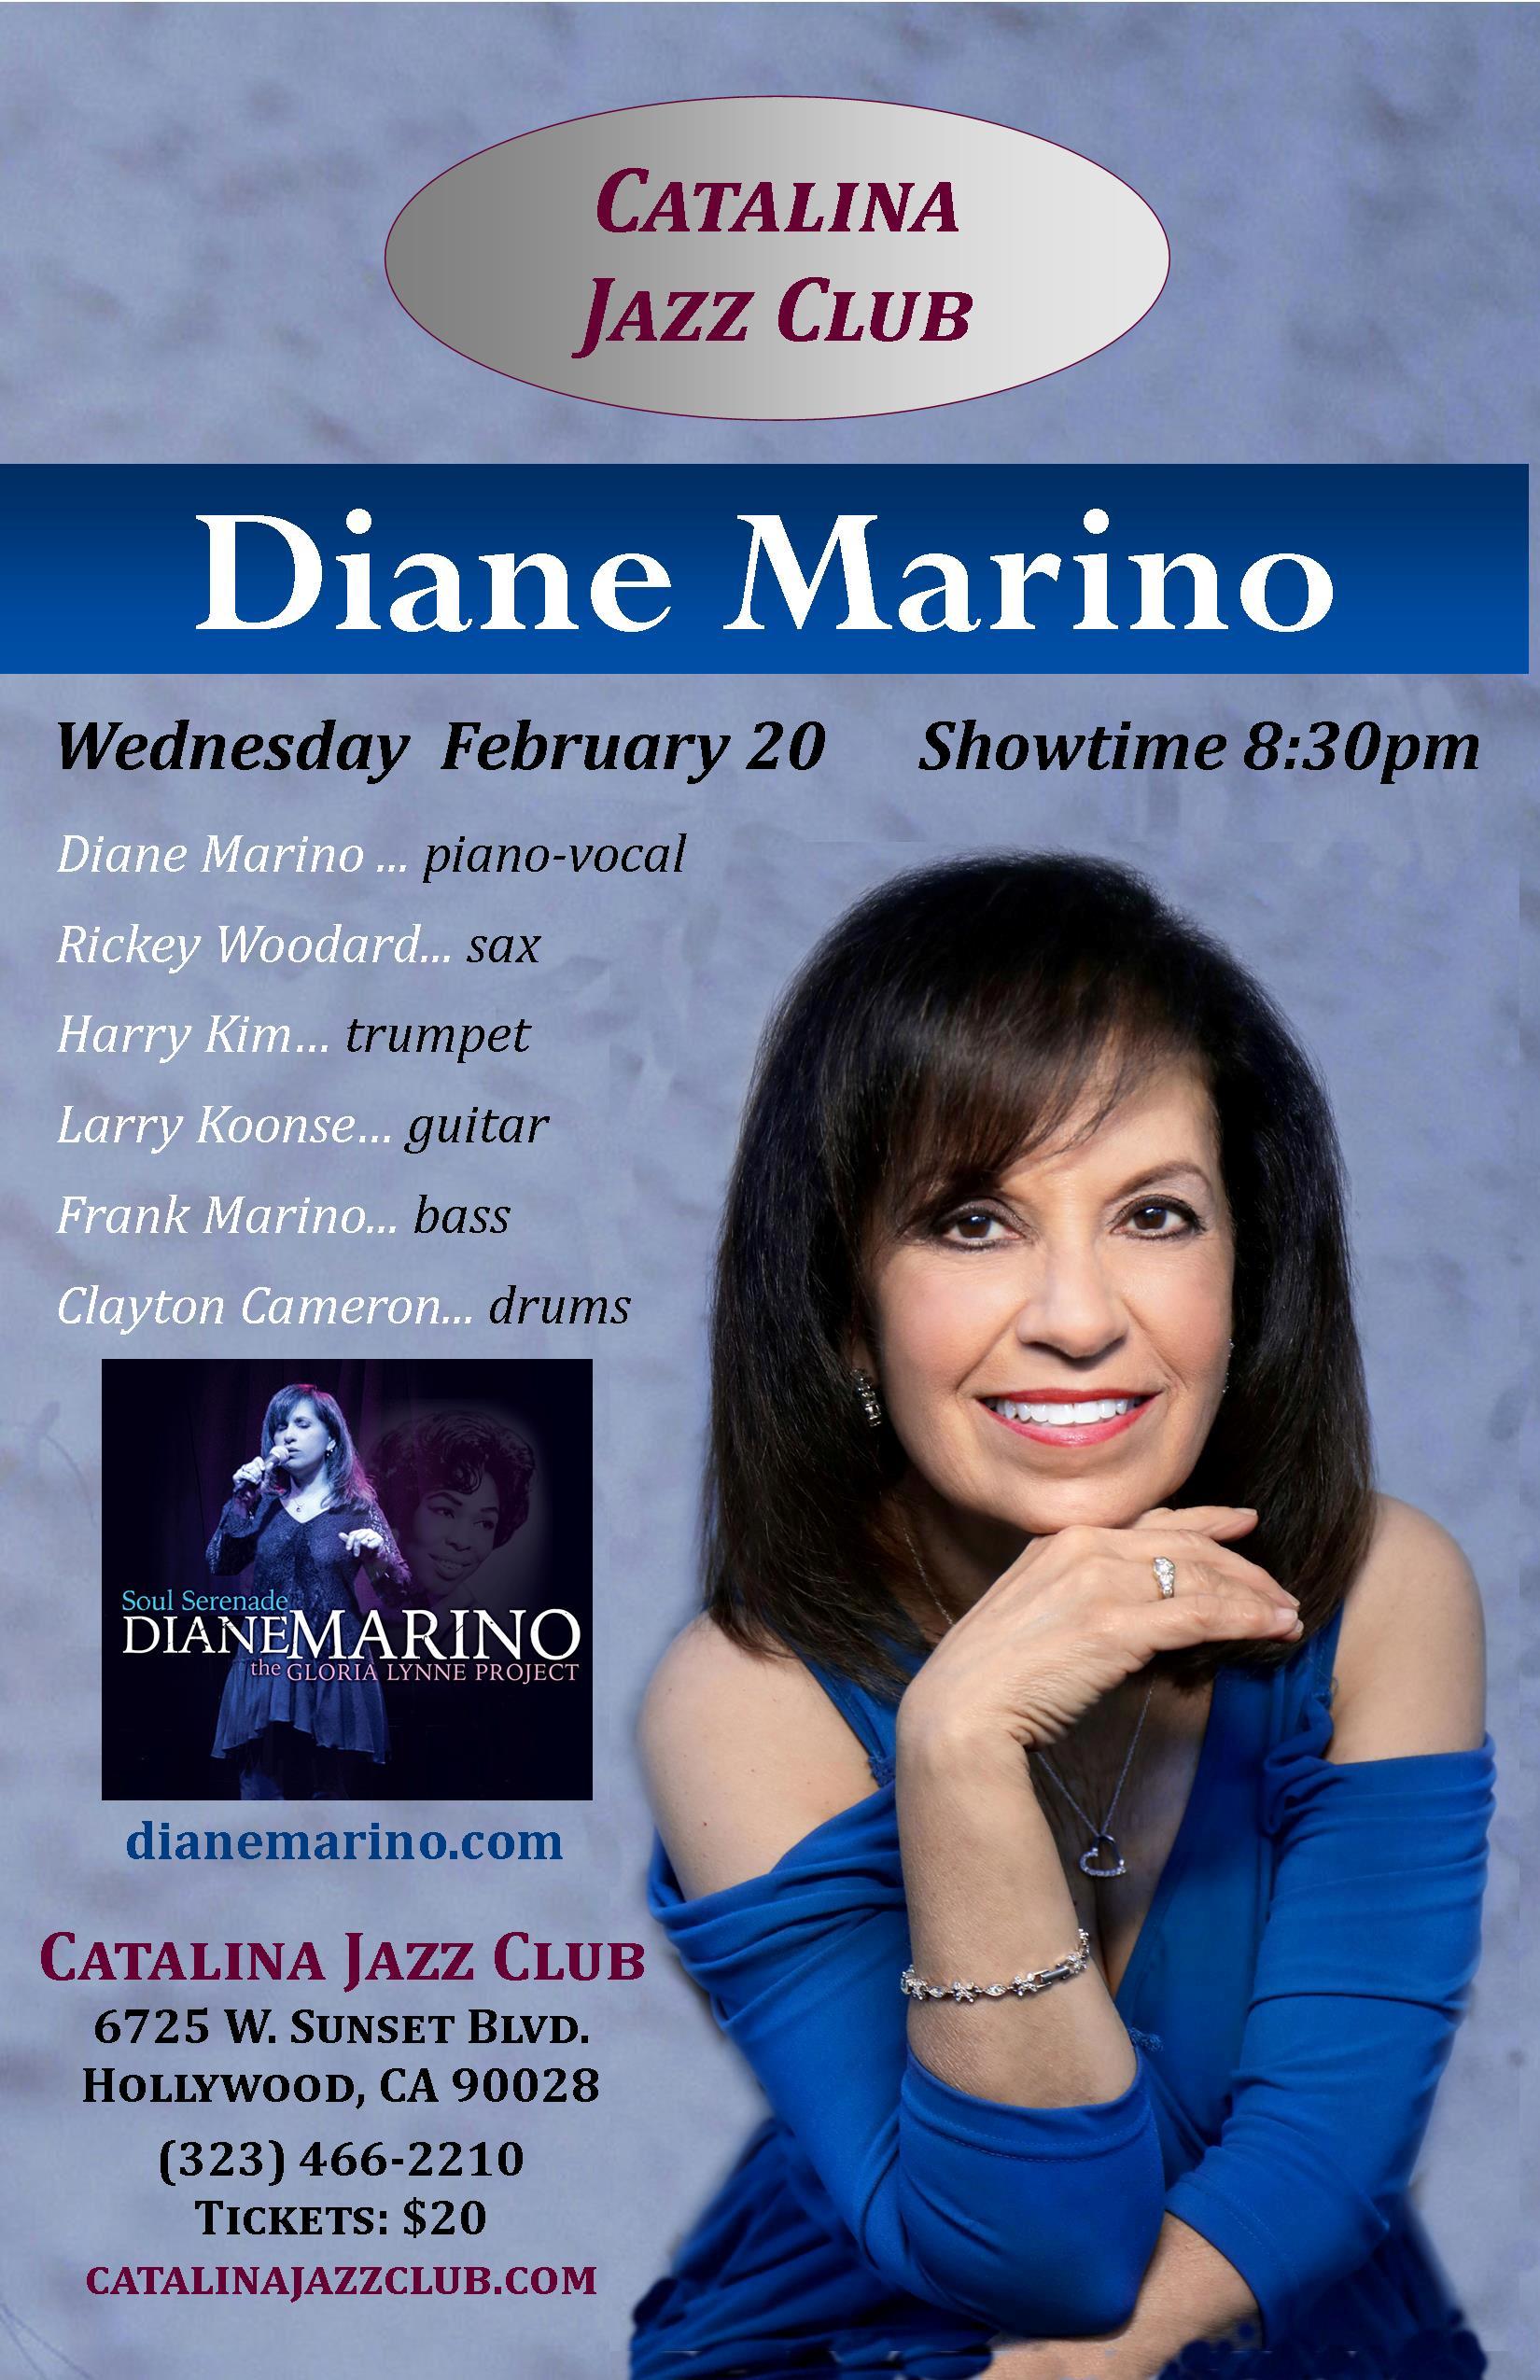 Diane Marino